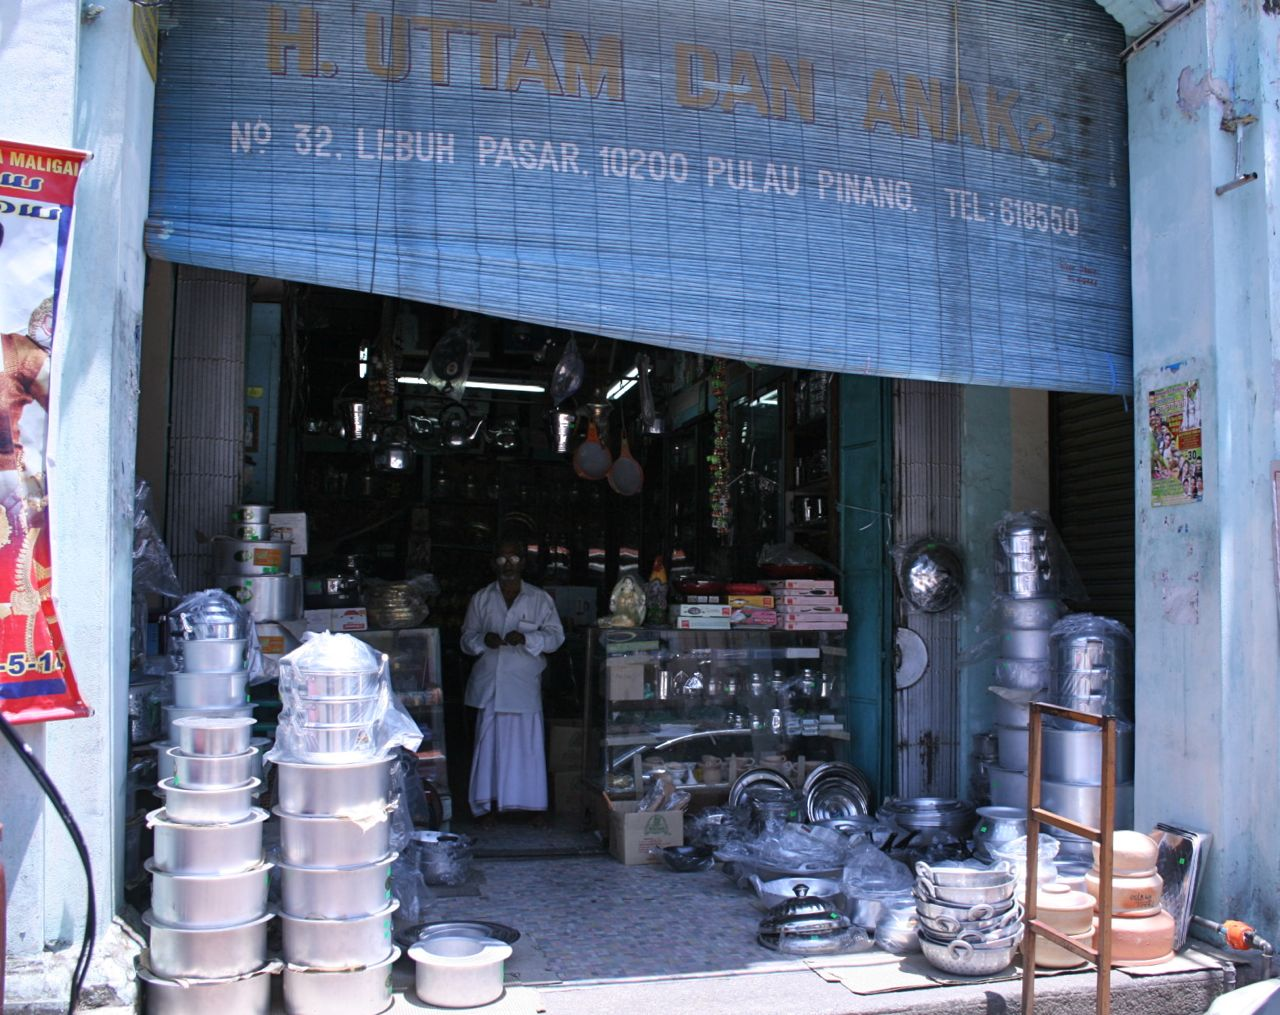 Penang, Little India, cooking supplies shop 見送るおじさん。眼鏡が光っています。